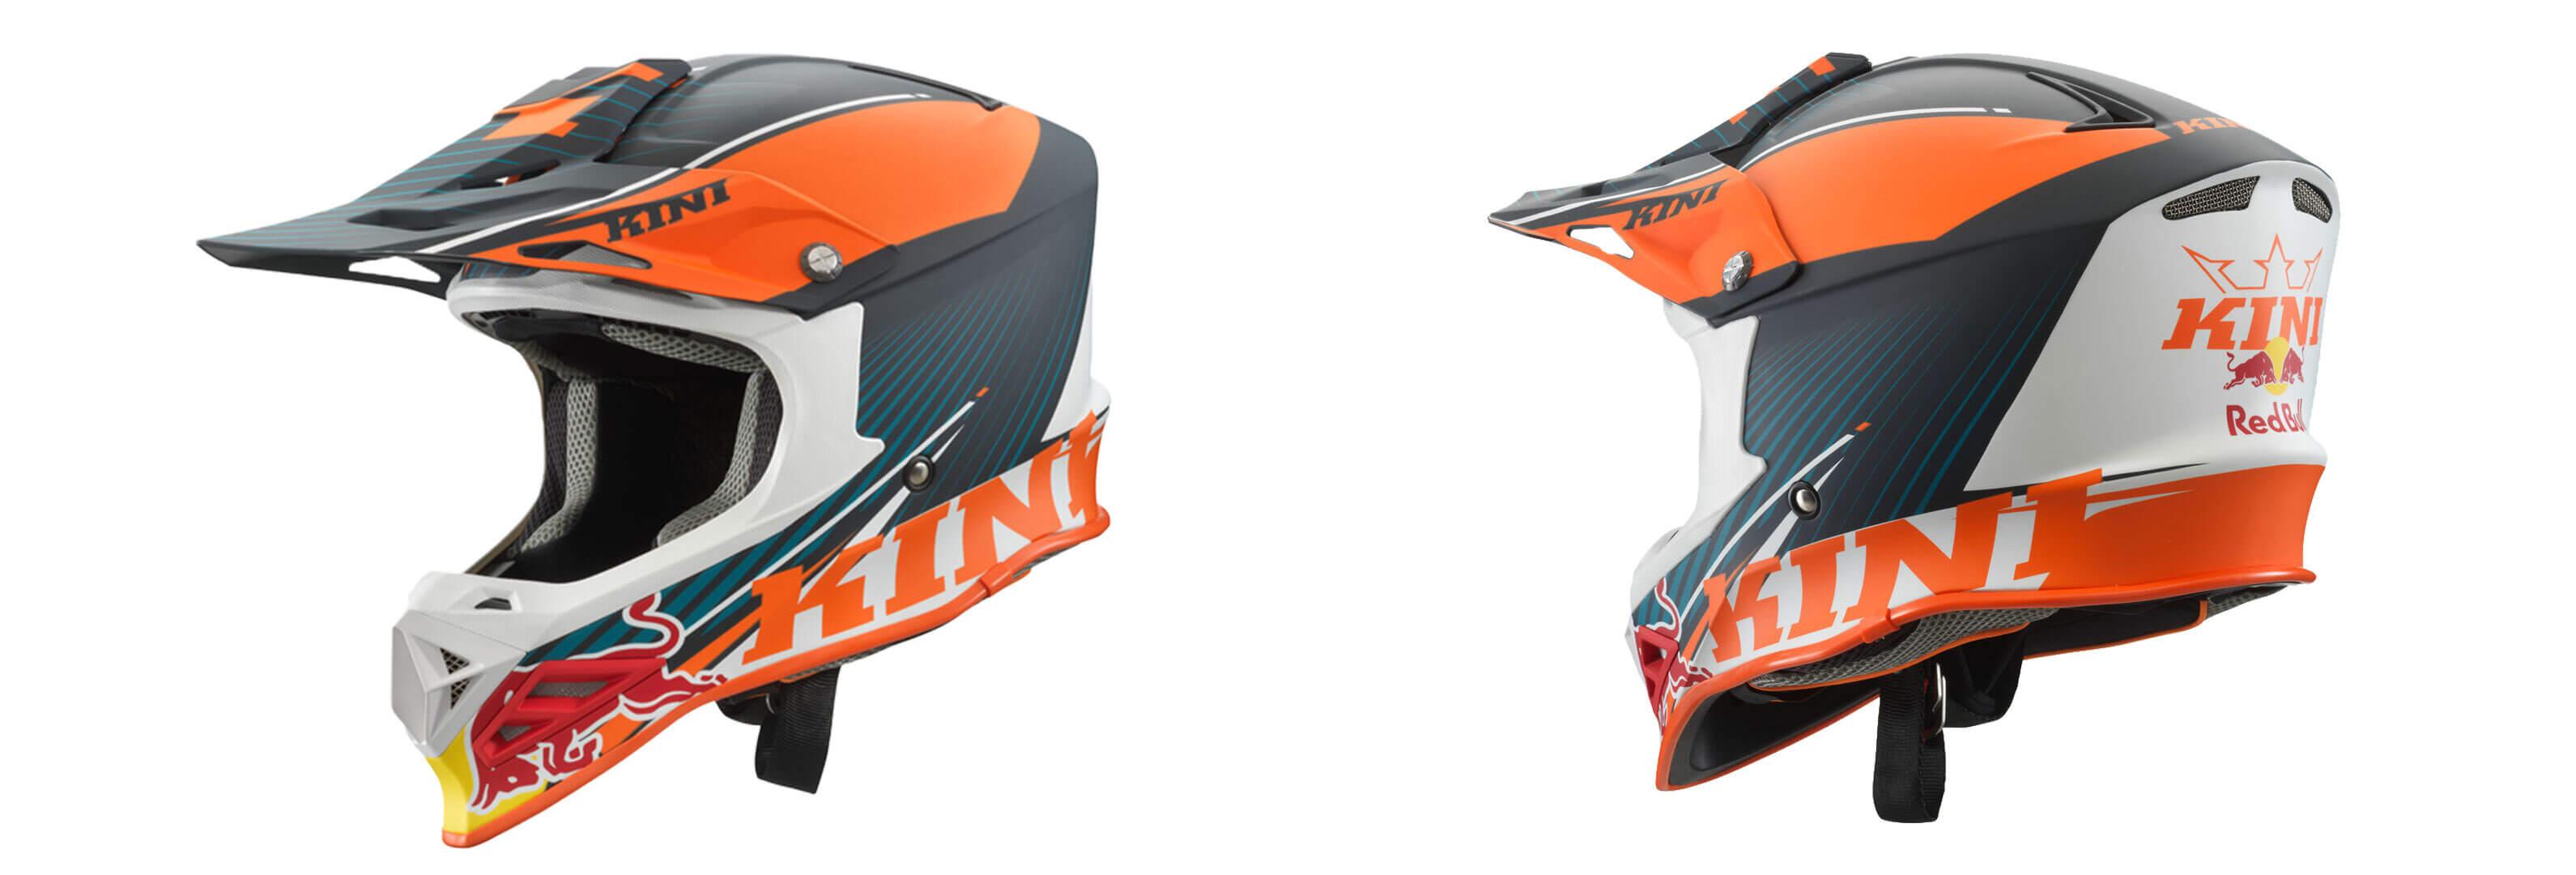 Motocross Helm, Enduro Helm, Crosshelm von Kini Red bull 2020